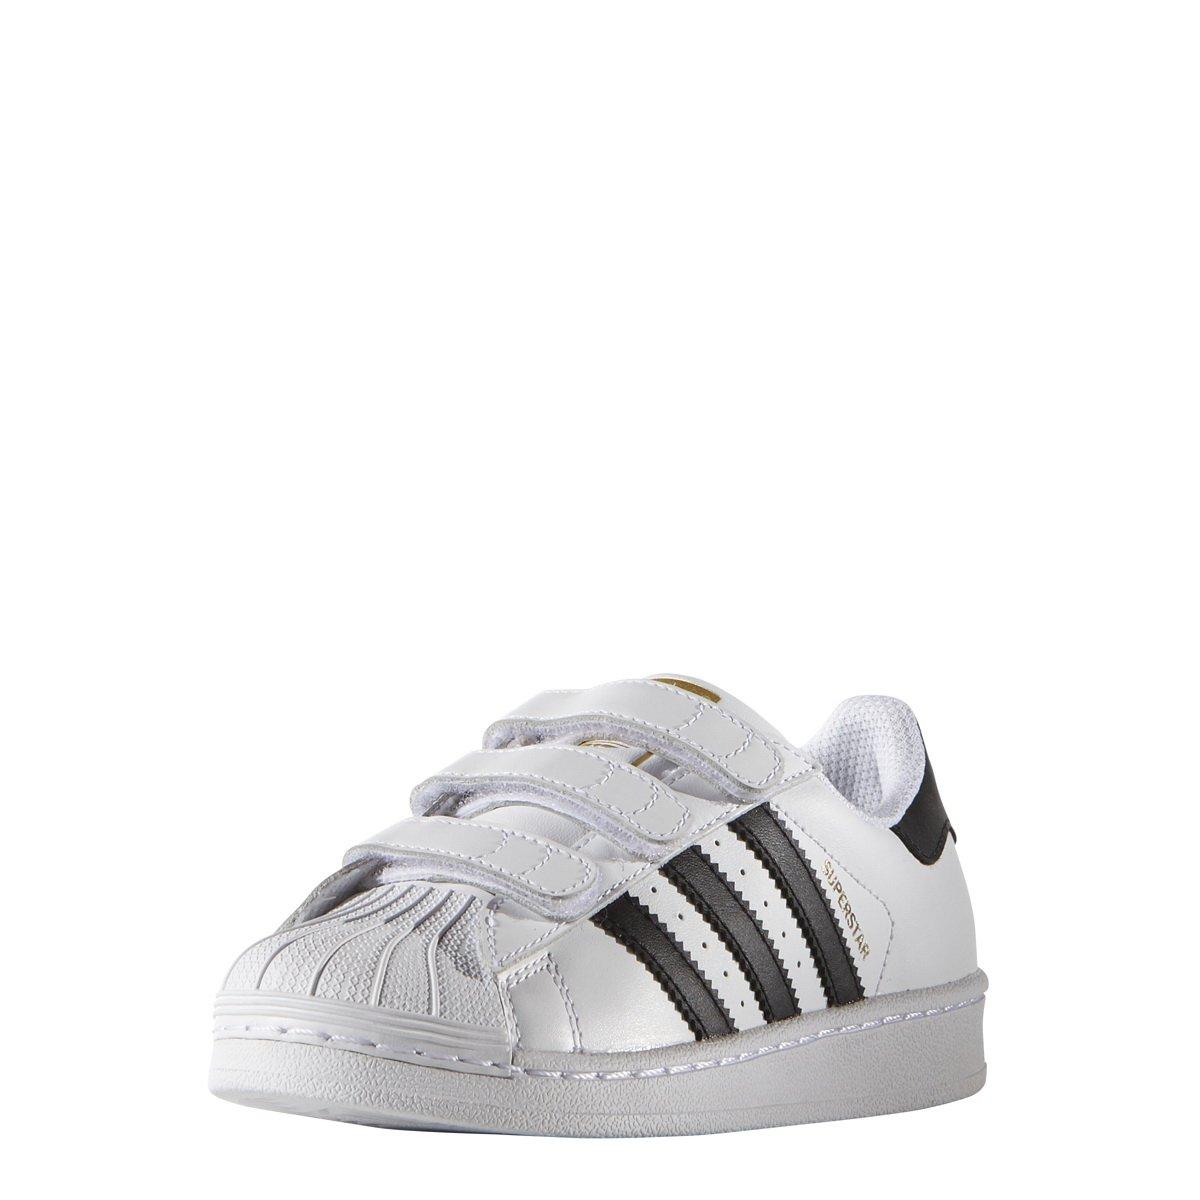 online store 63a34 c9ec3 Amazon.com  adidas Original Superstar Foundation Shoes (11.5 Little Kid M)   Shoes